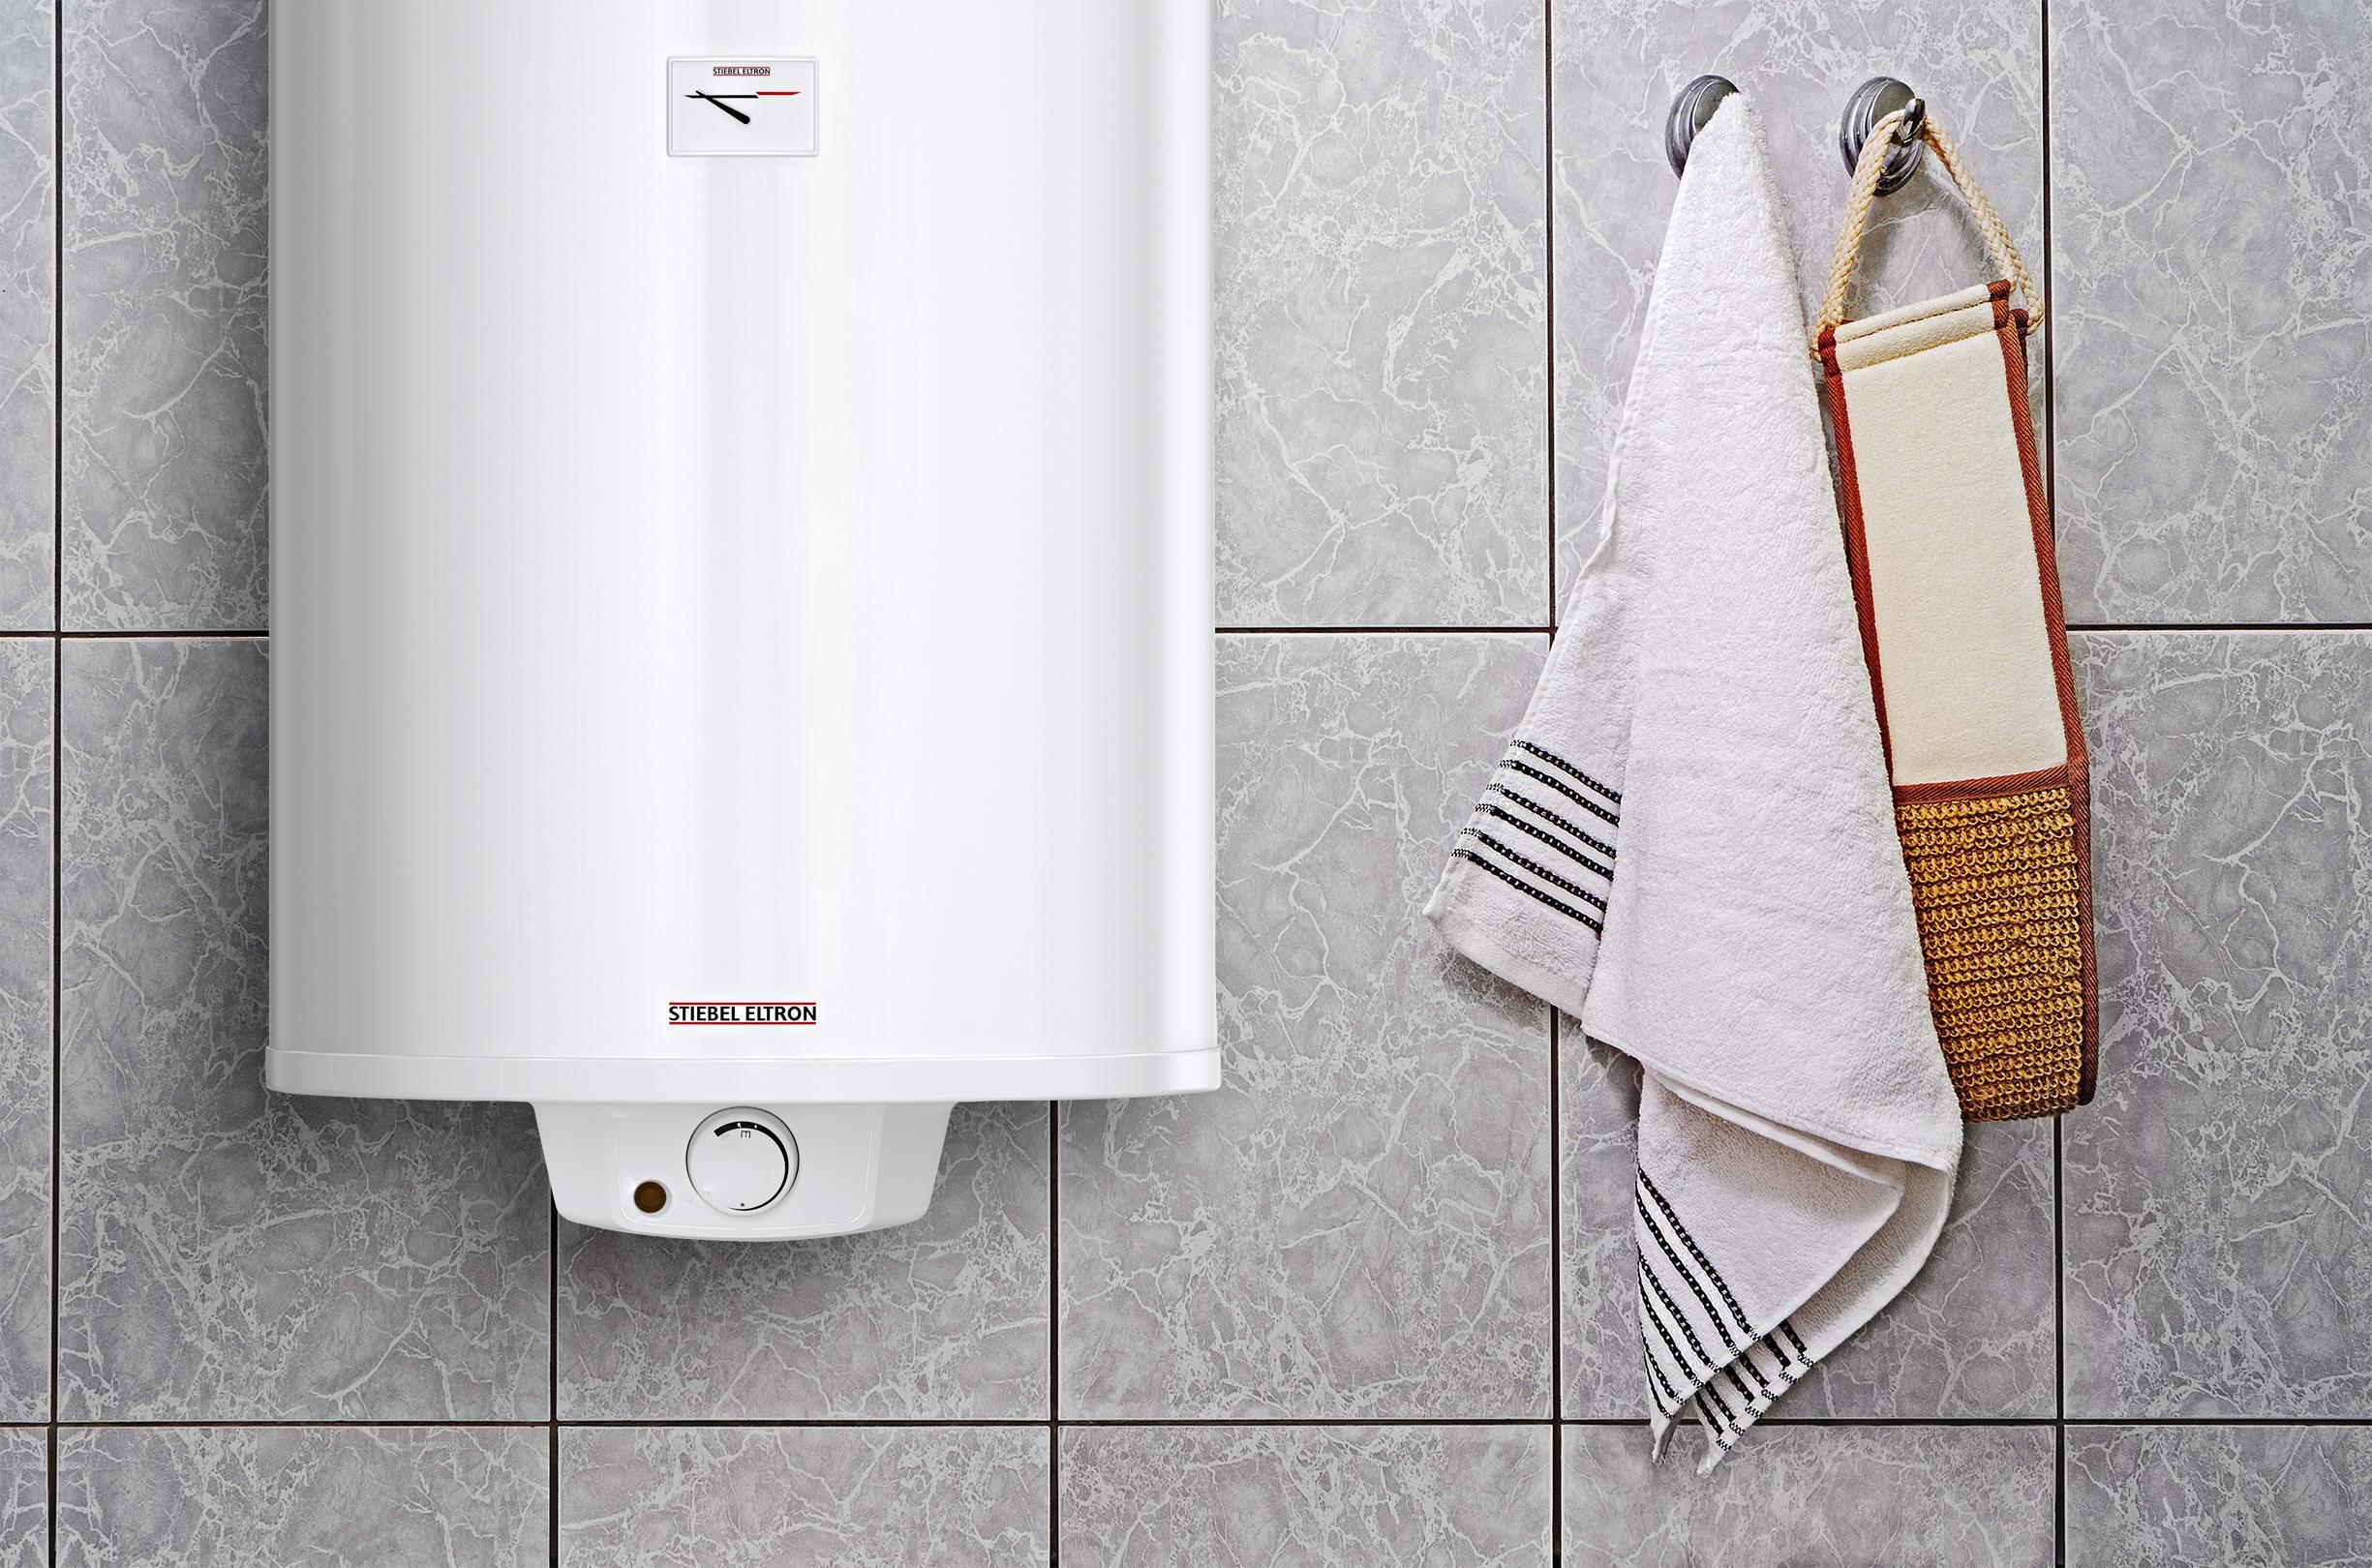 Первый запуск водонагревателя после установки, простоя или консервации